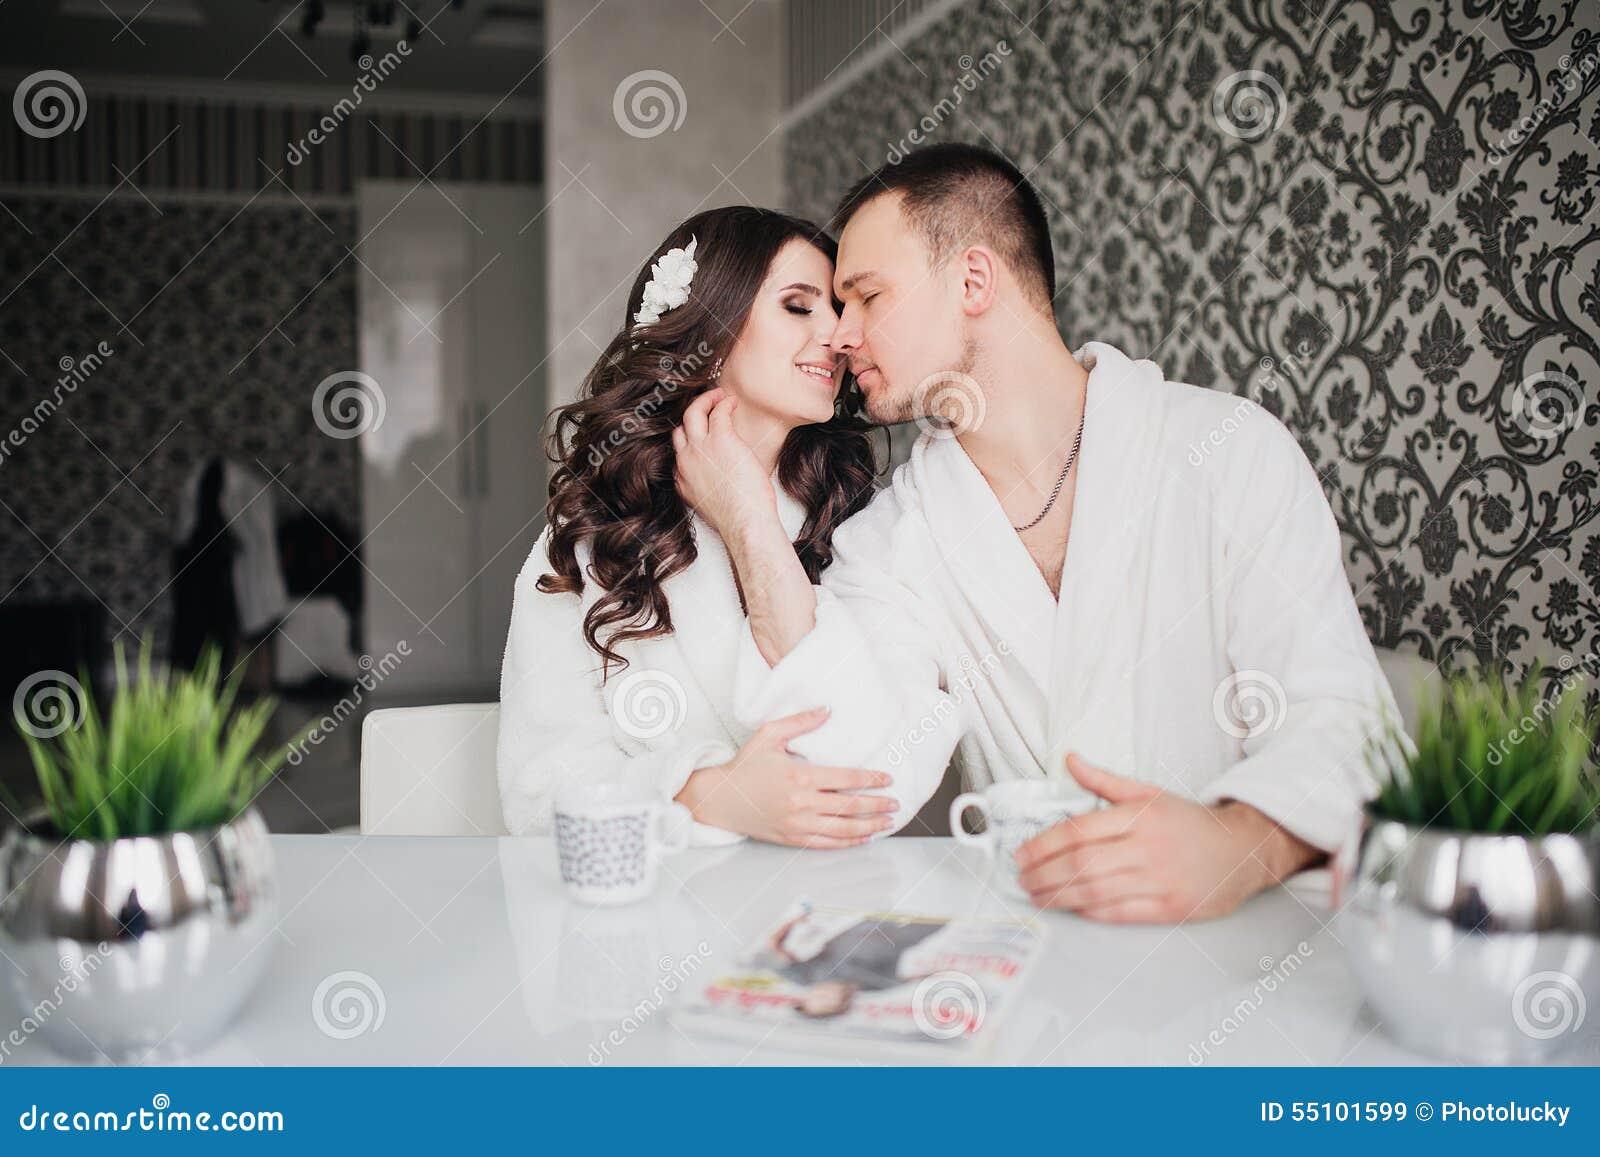 Красивая жена с любовником 9